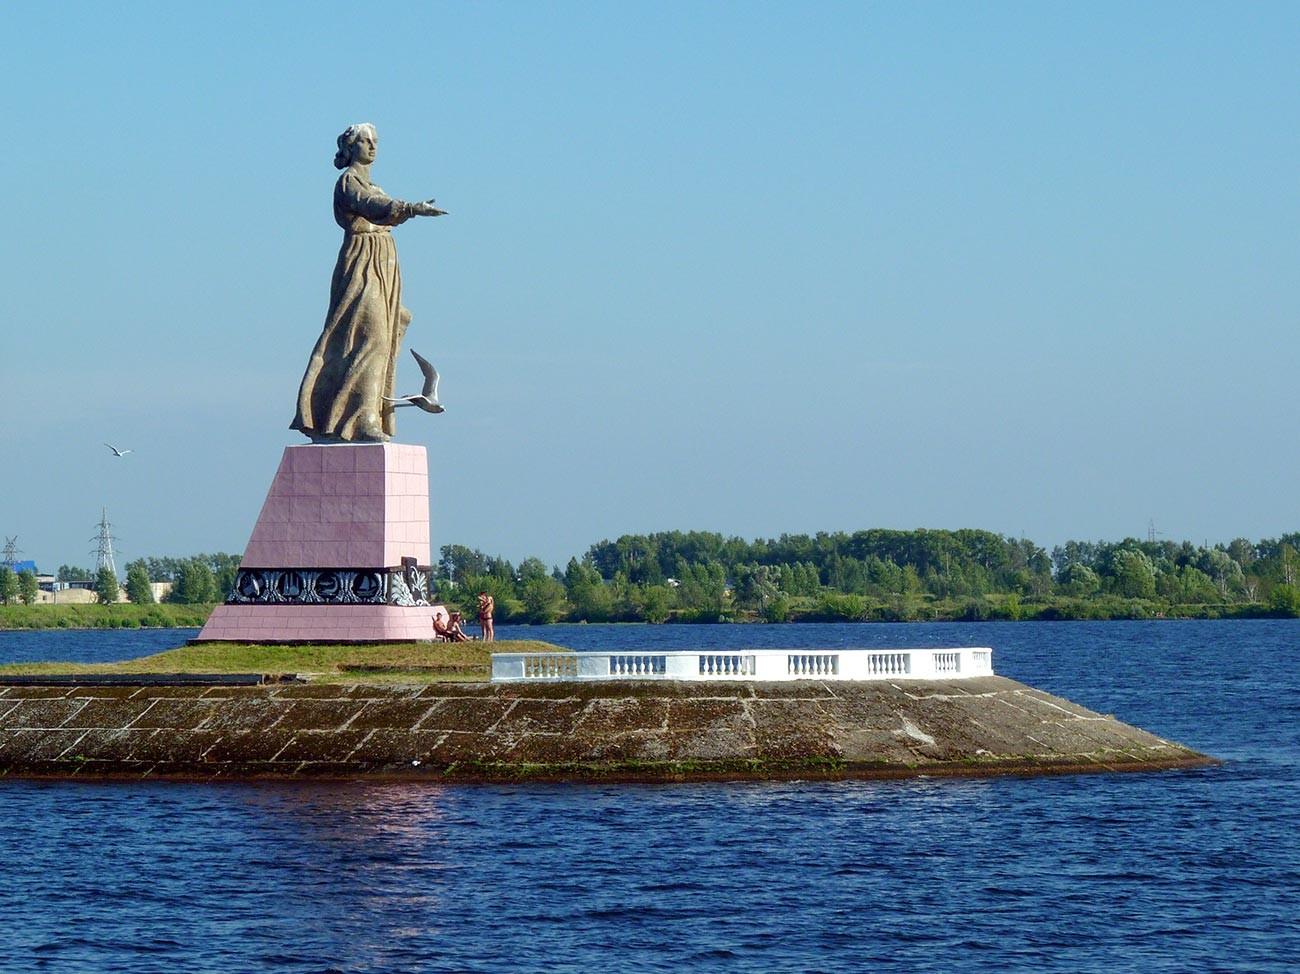 ルィビンスクの記念碑「母なるヴォルガ」